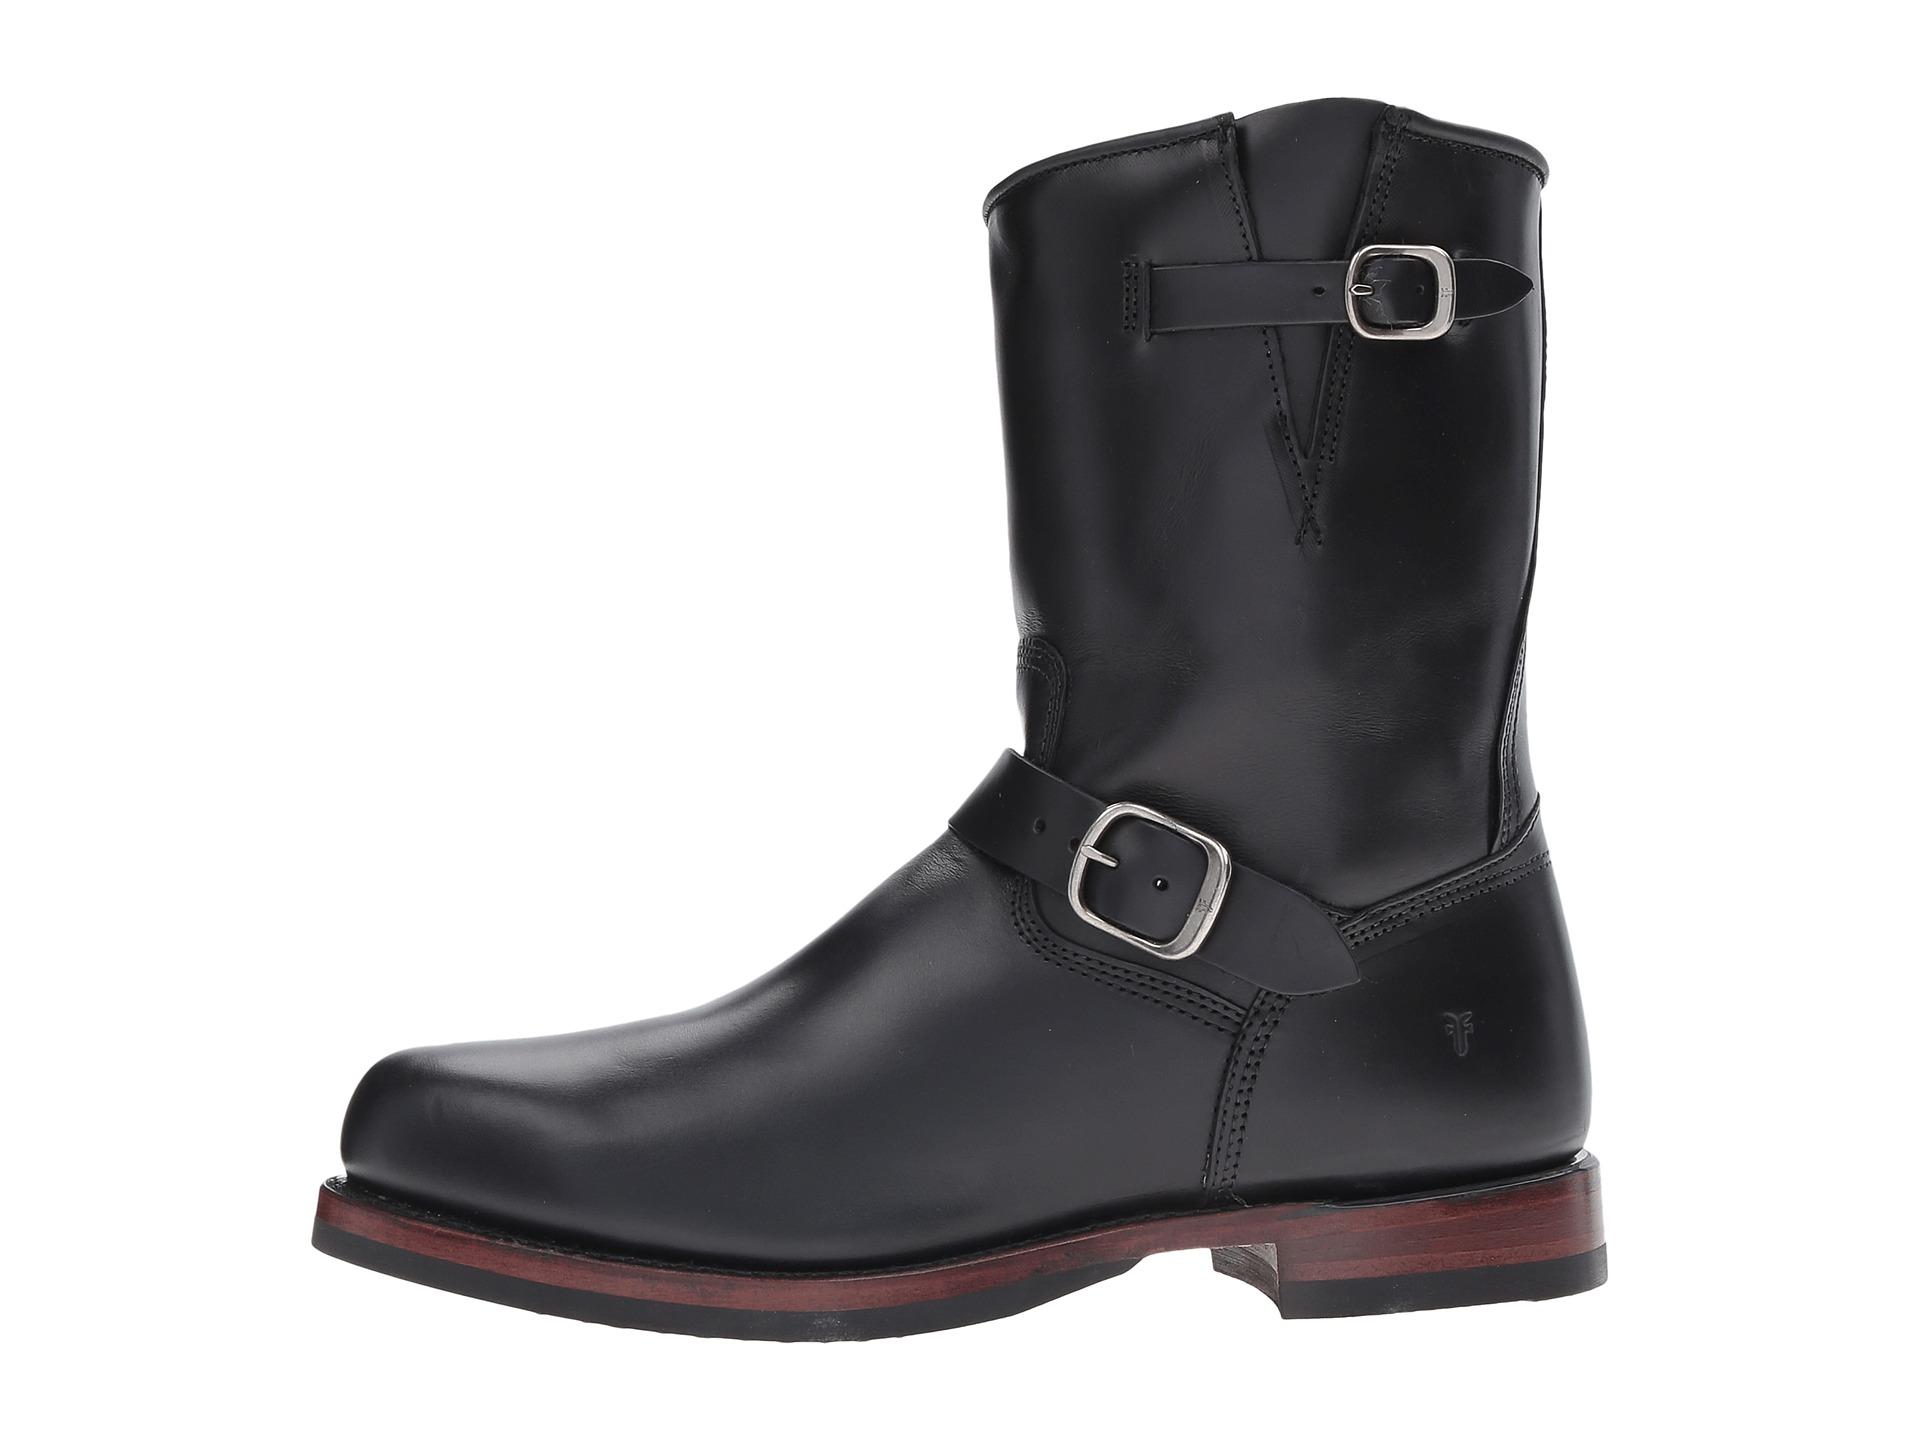 John Frye Shoes Review